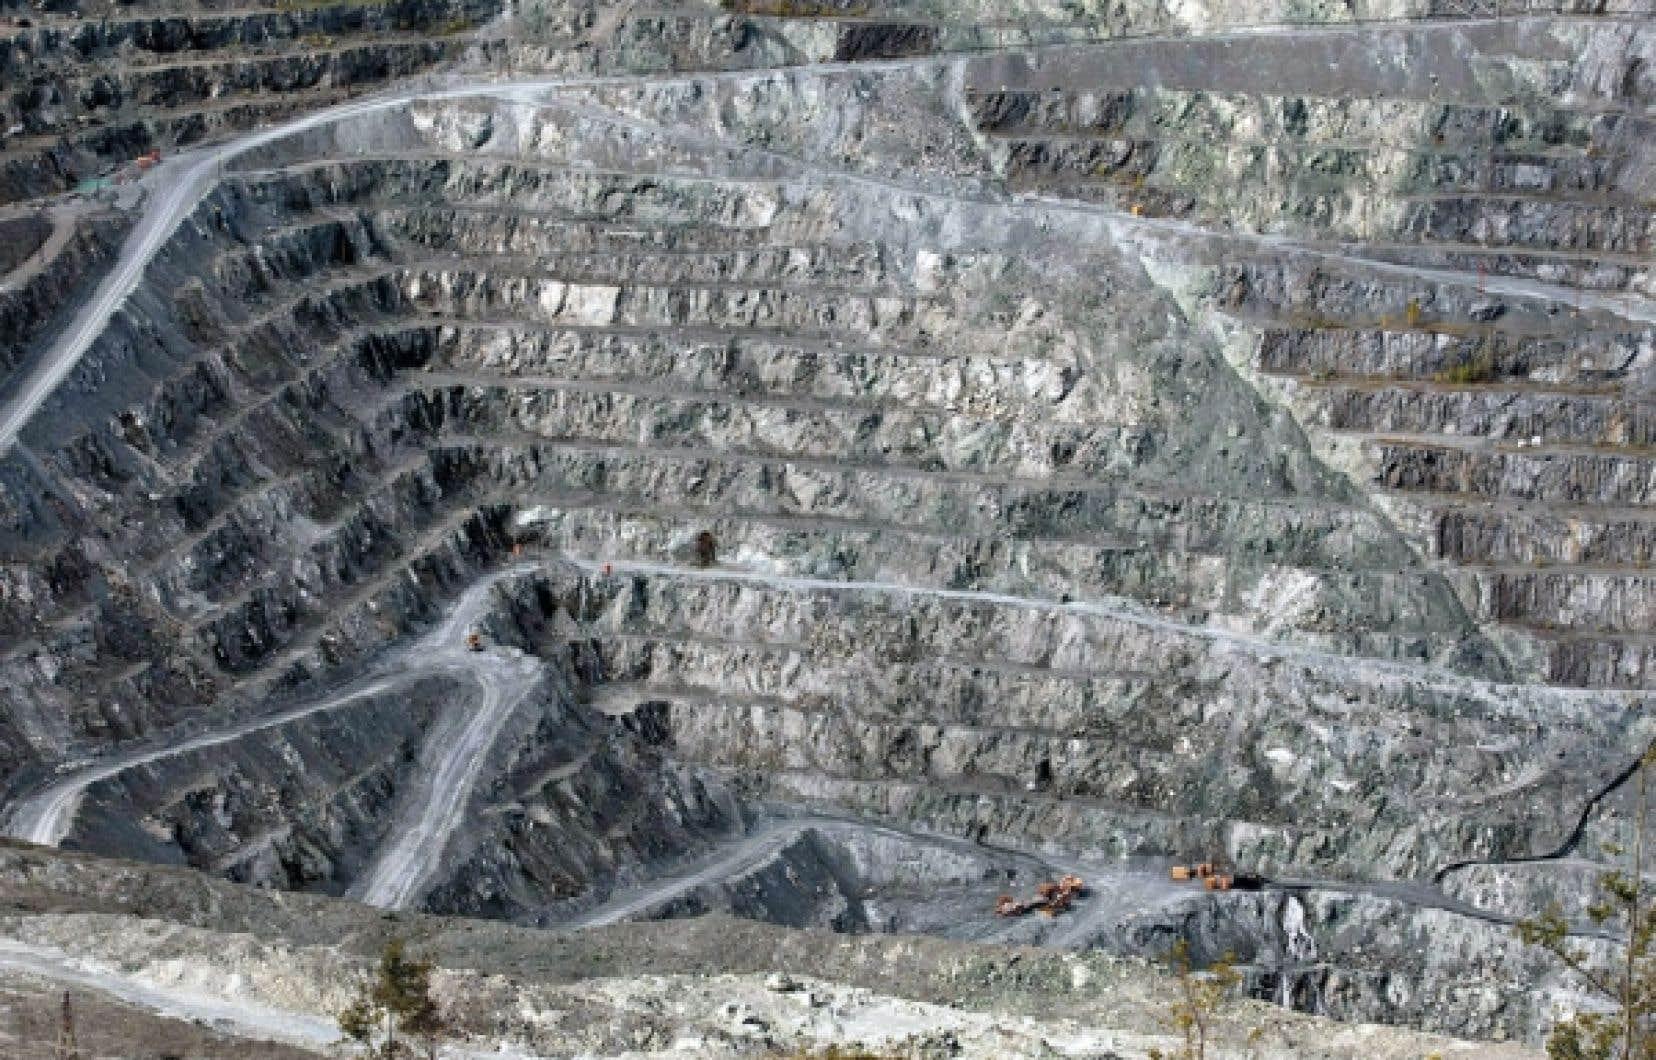 Les mesures de manipulation sécuritaire mises en place en 1975 semblent avoir eu un effet bénéfique pour les travailleurs de la mine Jeffrey d'Asbestos.